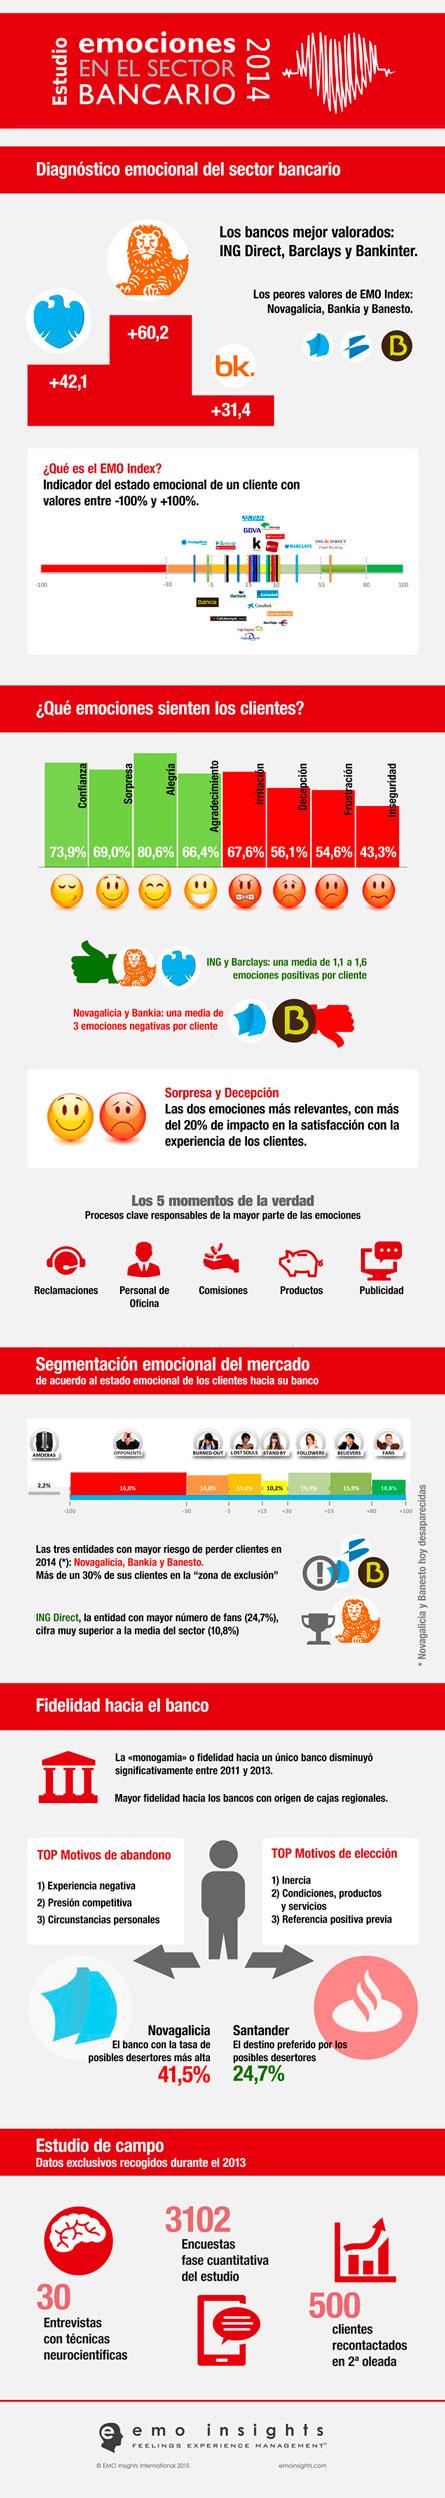 Emociones Sector Bancario Infografía